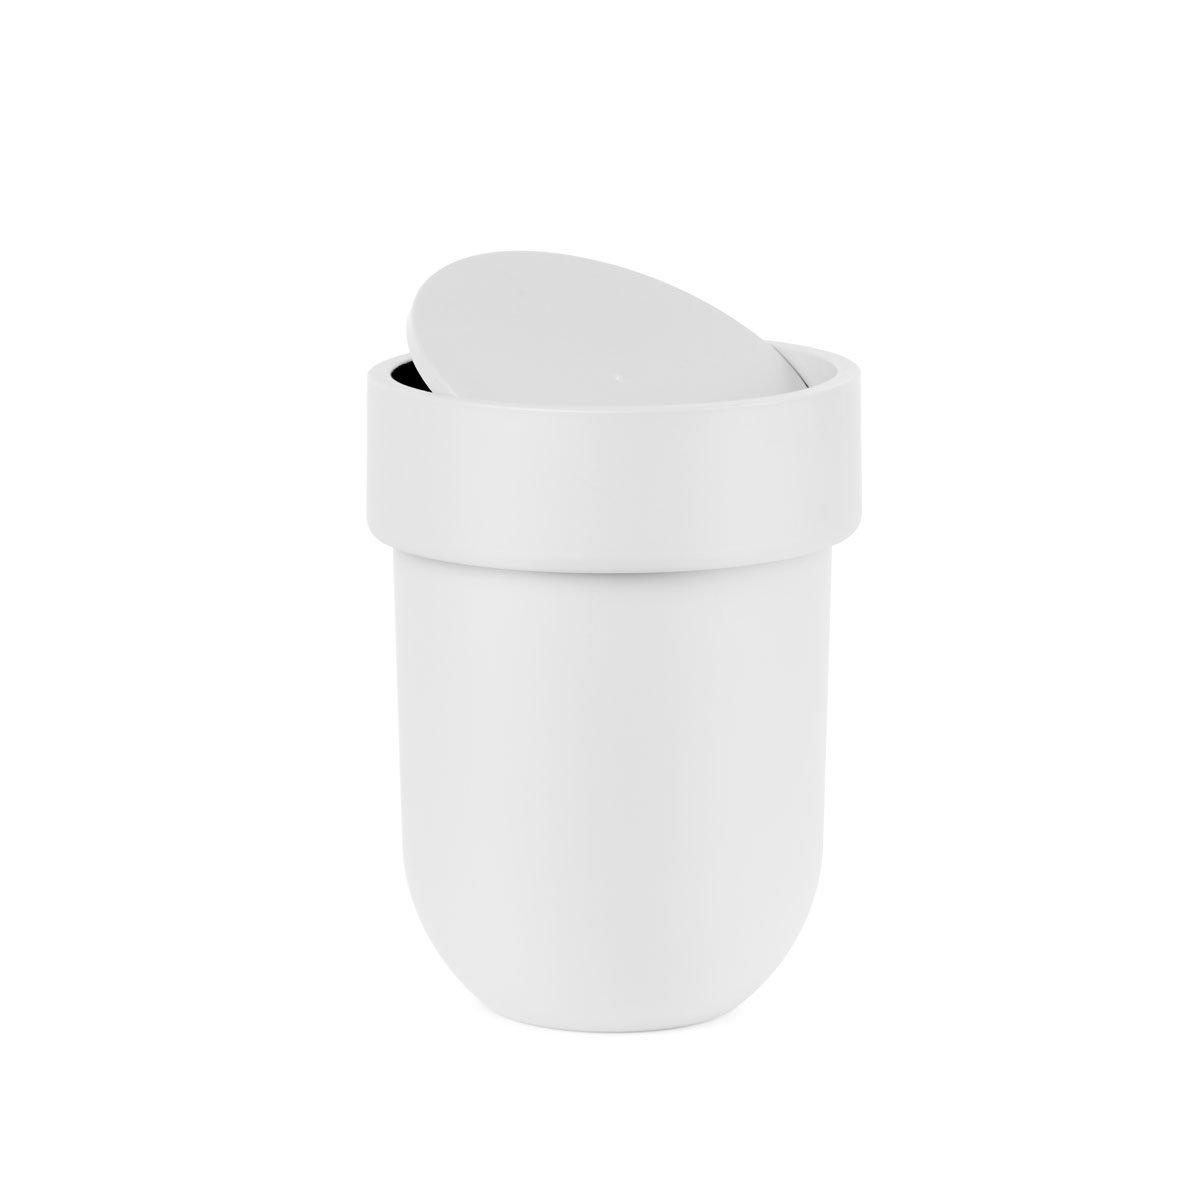 Accesorios De Baño Umbra:Bote basura touch blanco